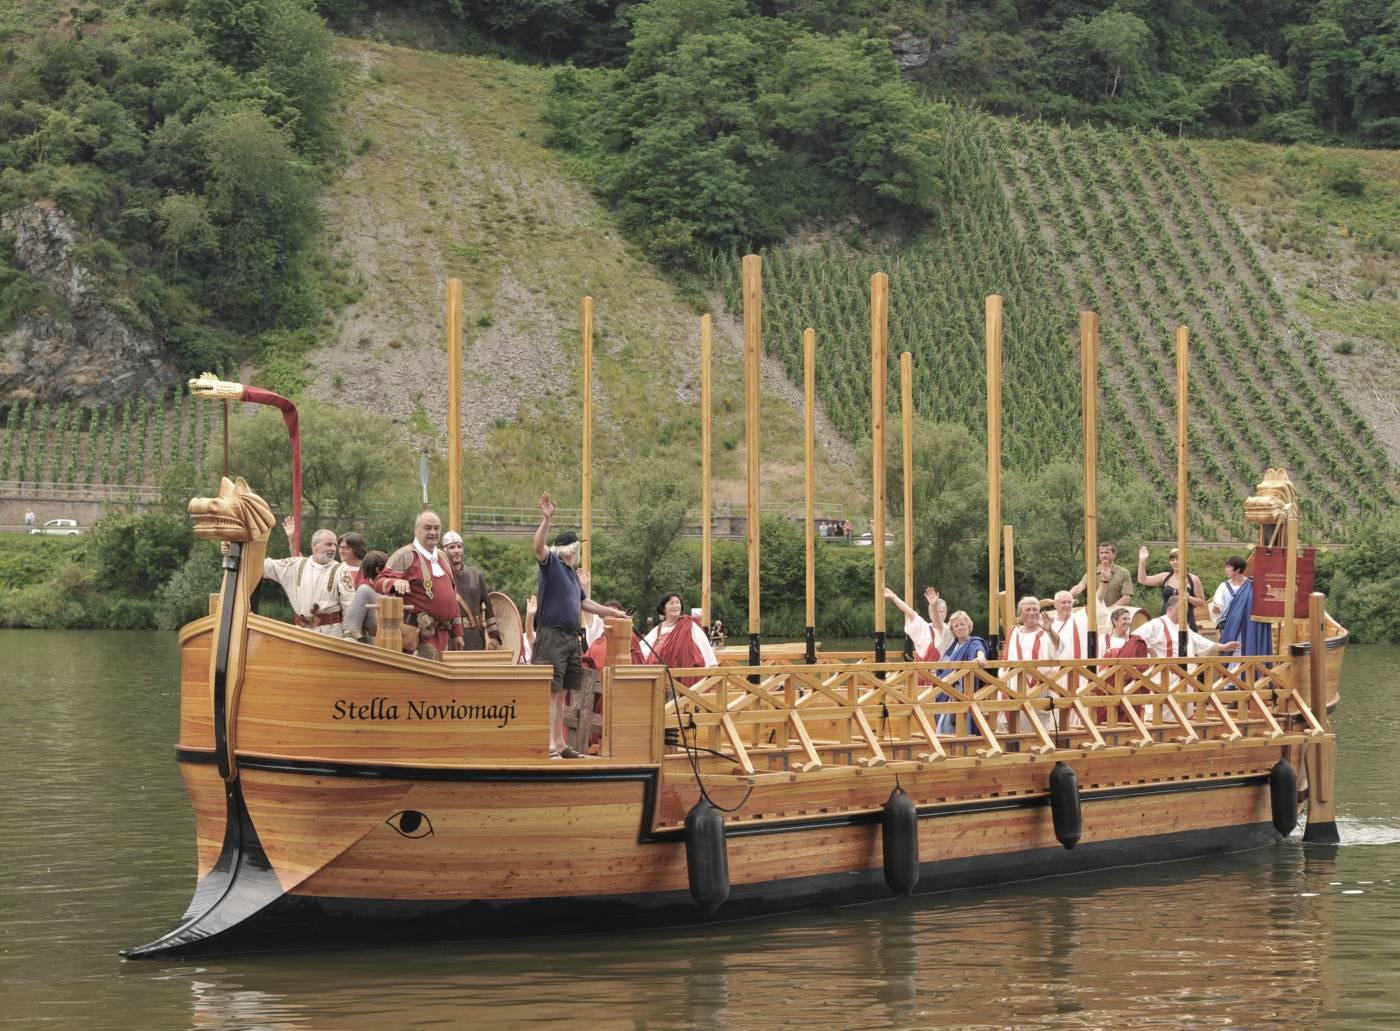 Mit dem Römerweinschiff können Sie die Mosel entlangfahren